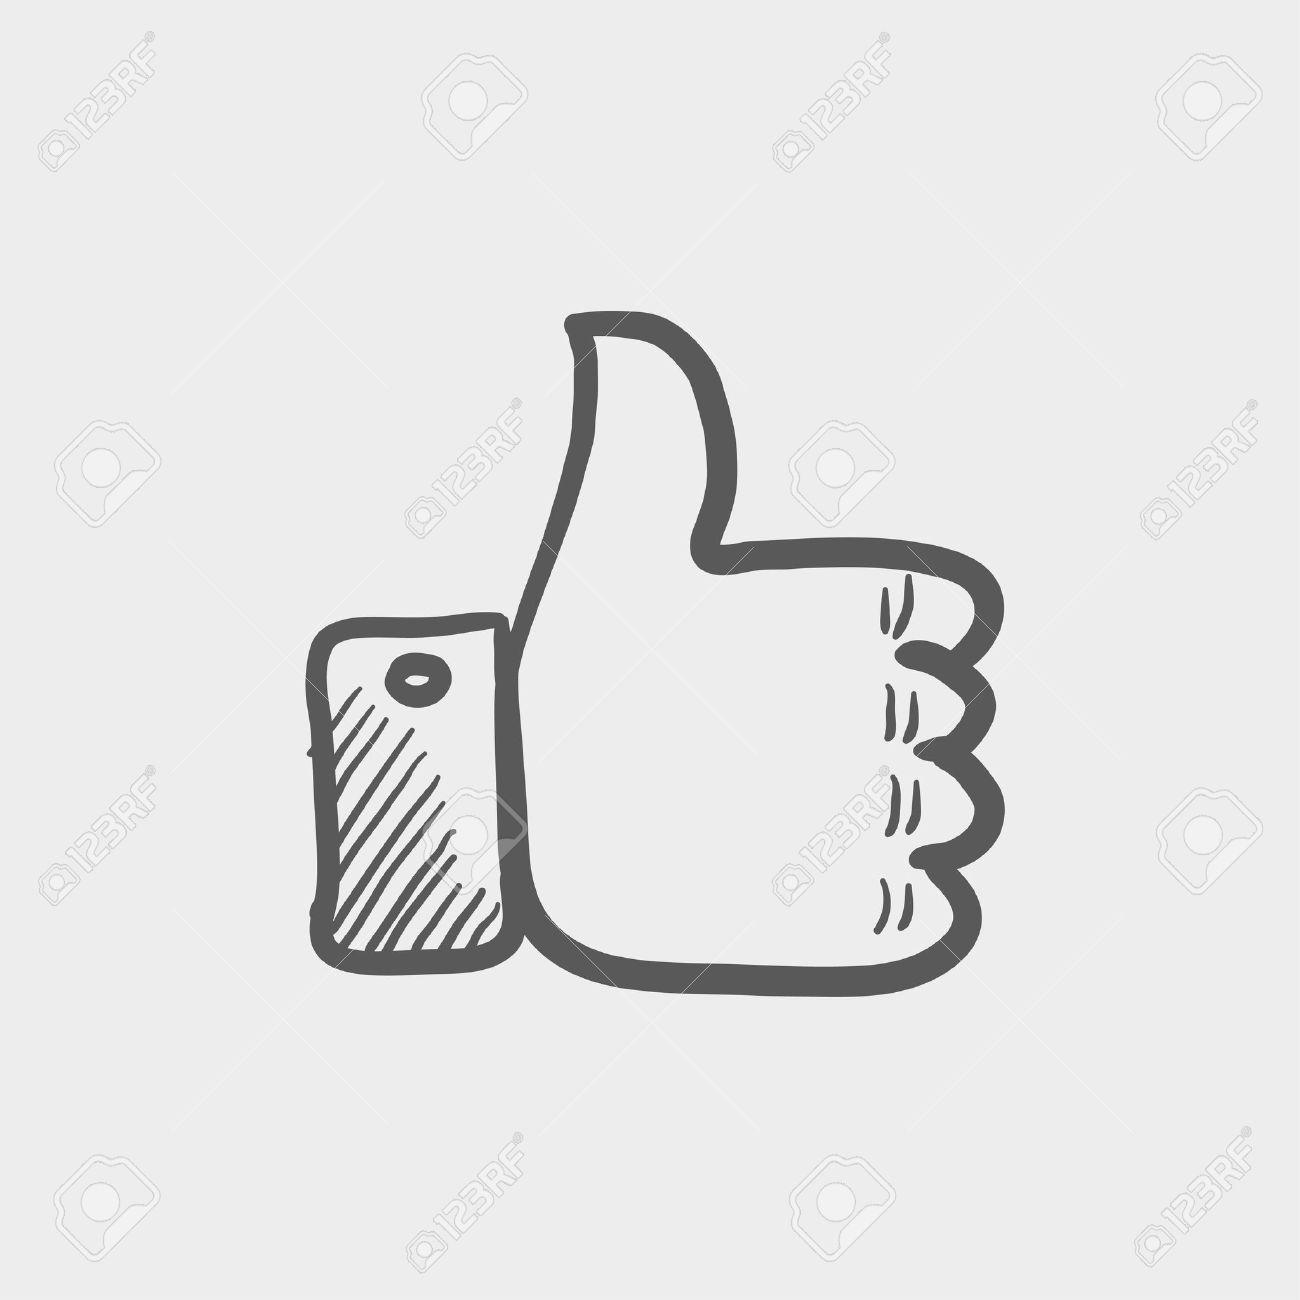 Bravo esquisse icône pour le web et mobile. Main vecteur tracé gris foncé icône sur fond gris clair. Banque d'images - 42981296